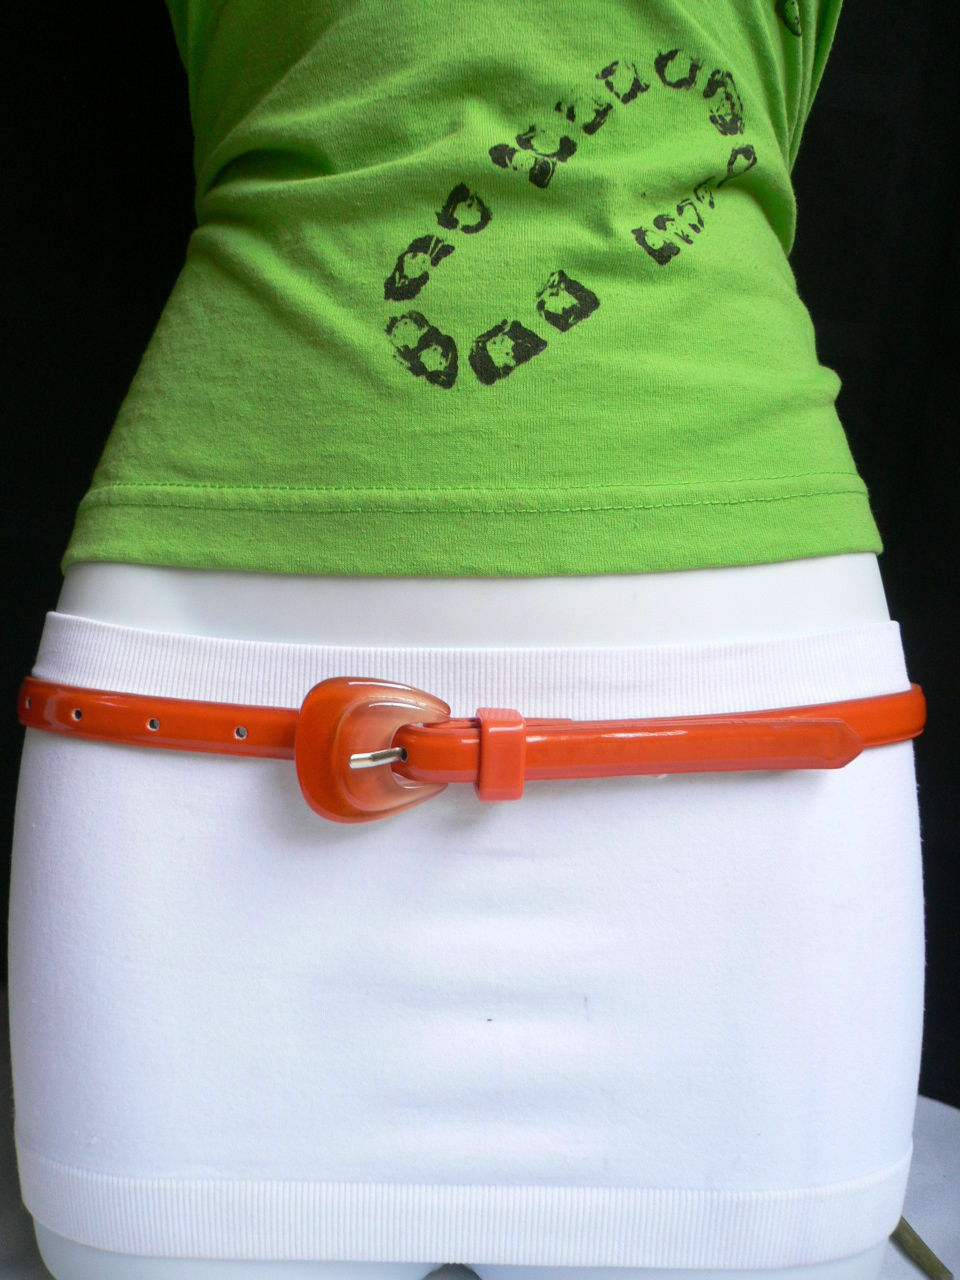 Neu Damen Mode Gürtel Trendy Skinny Hell Orange Kunstleder Schnalle S M image 2